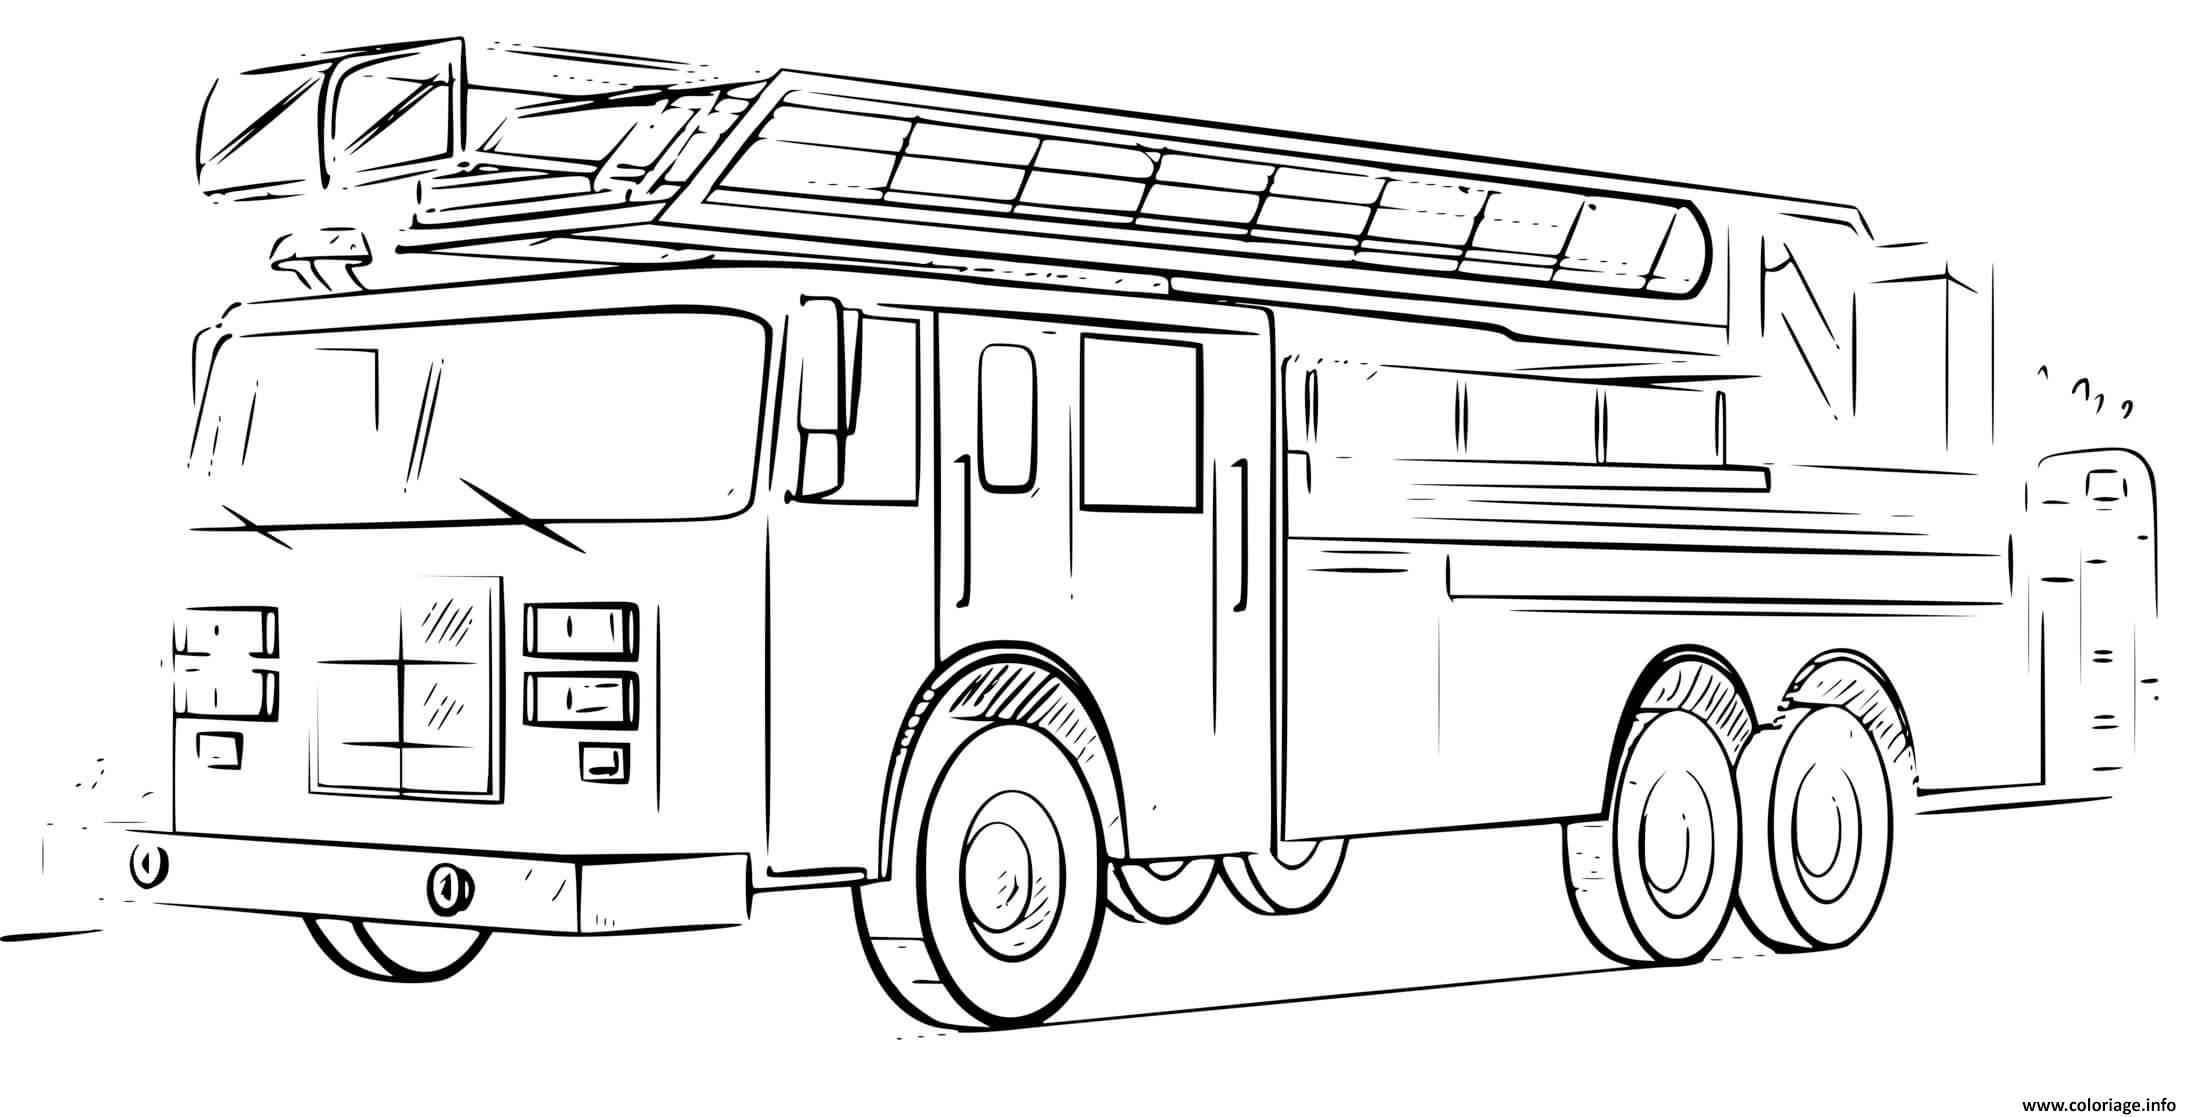 Dessin veritable camion de pompier dessin realiste Coloriage Gratuit à Imprimer